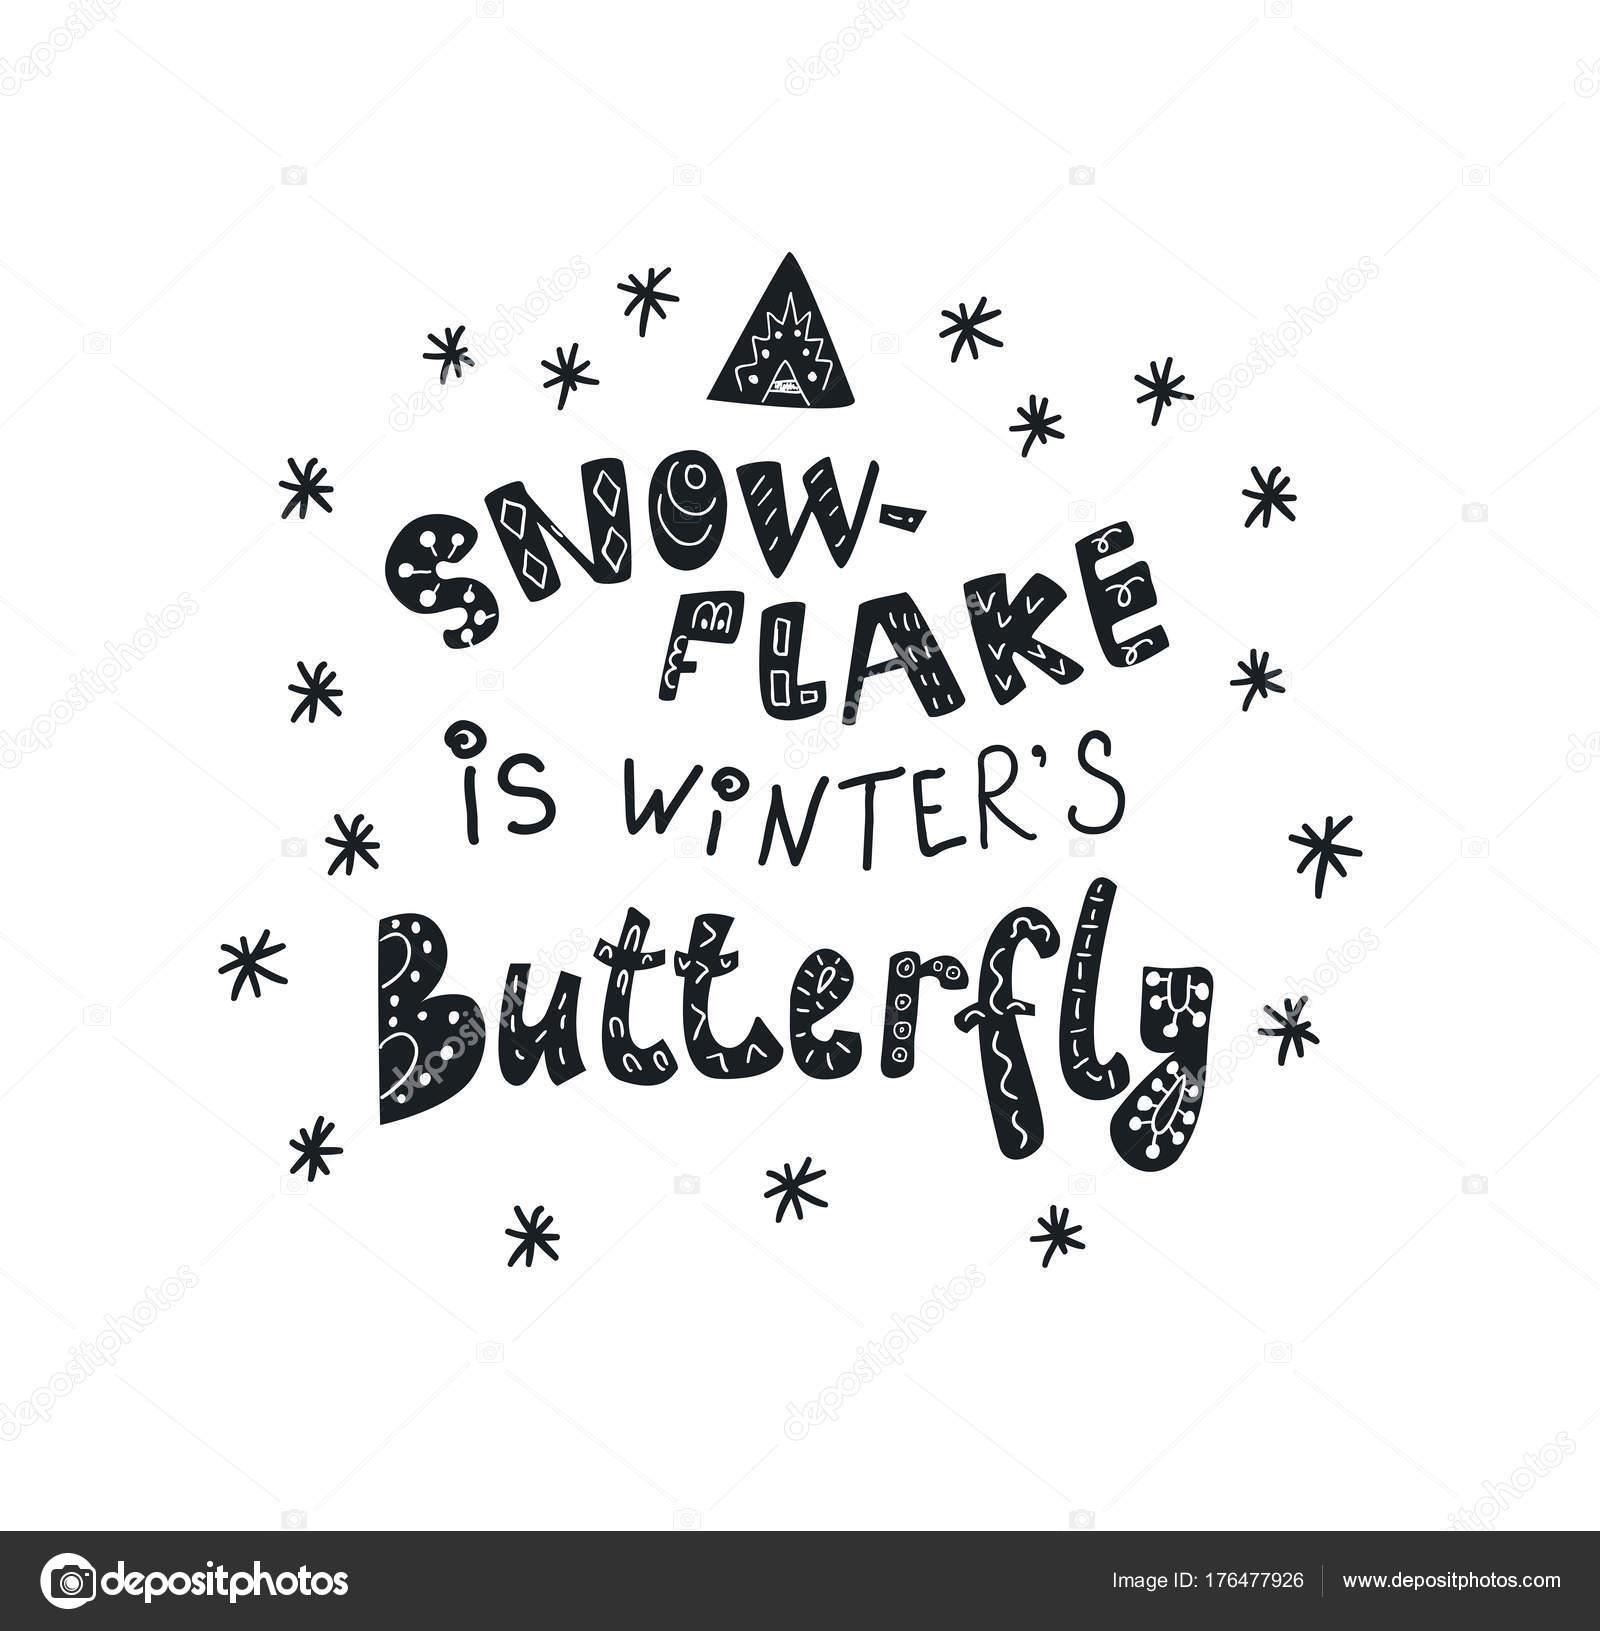 sprüche winter Winter Zitate und Sprüche. Handgezeichnete Schriftzug  sprüche winter